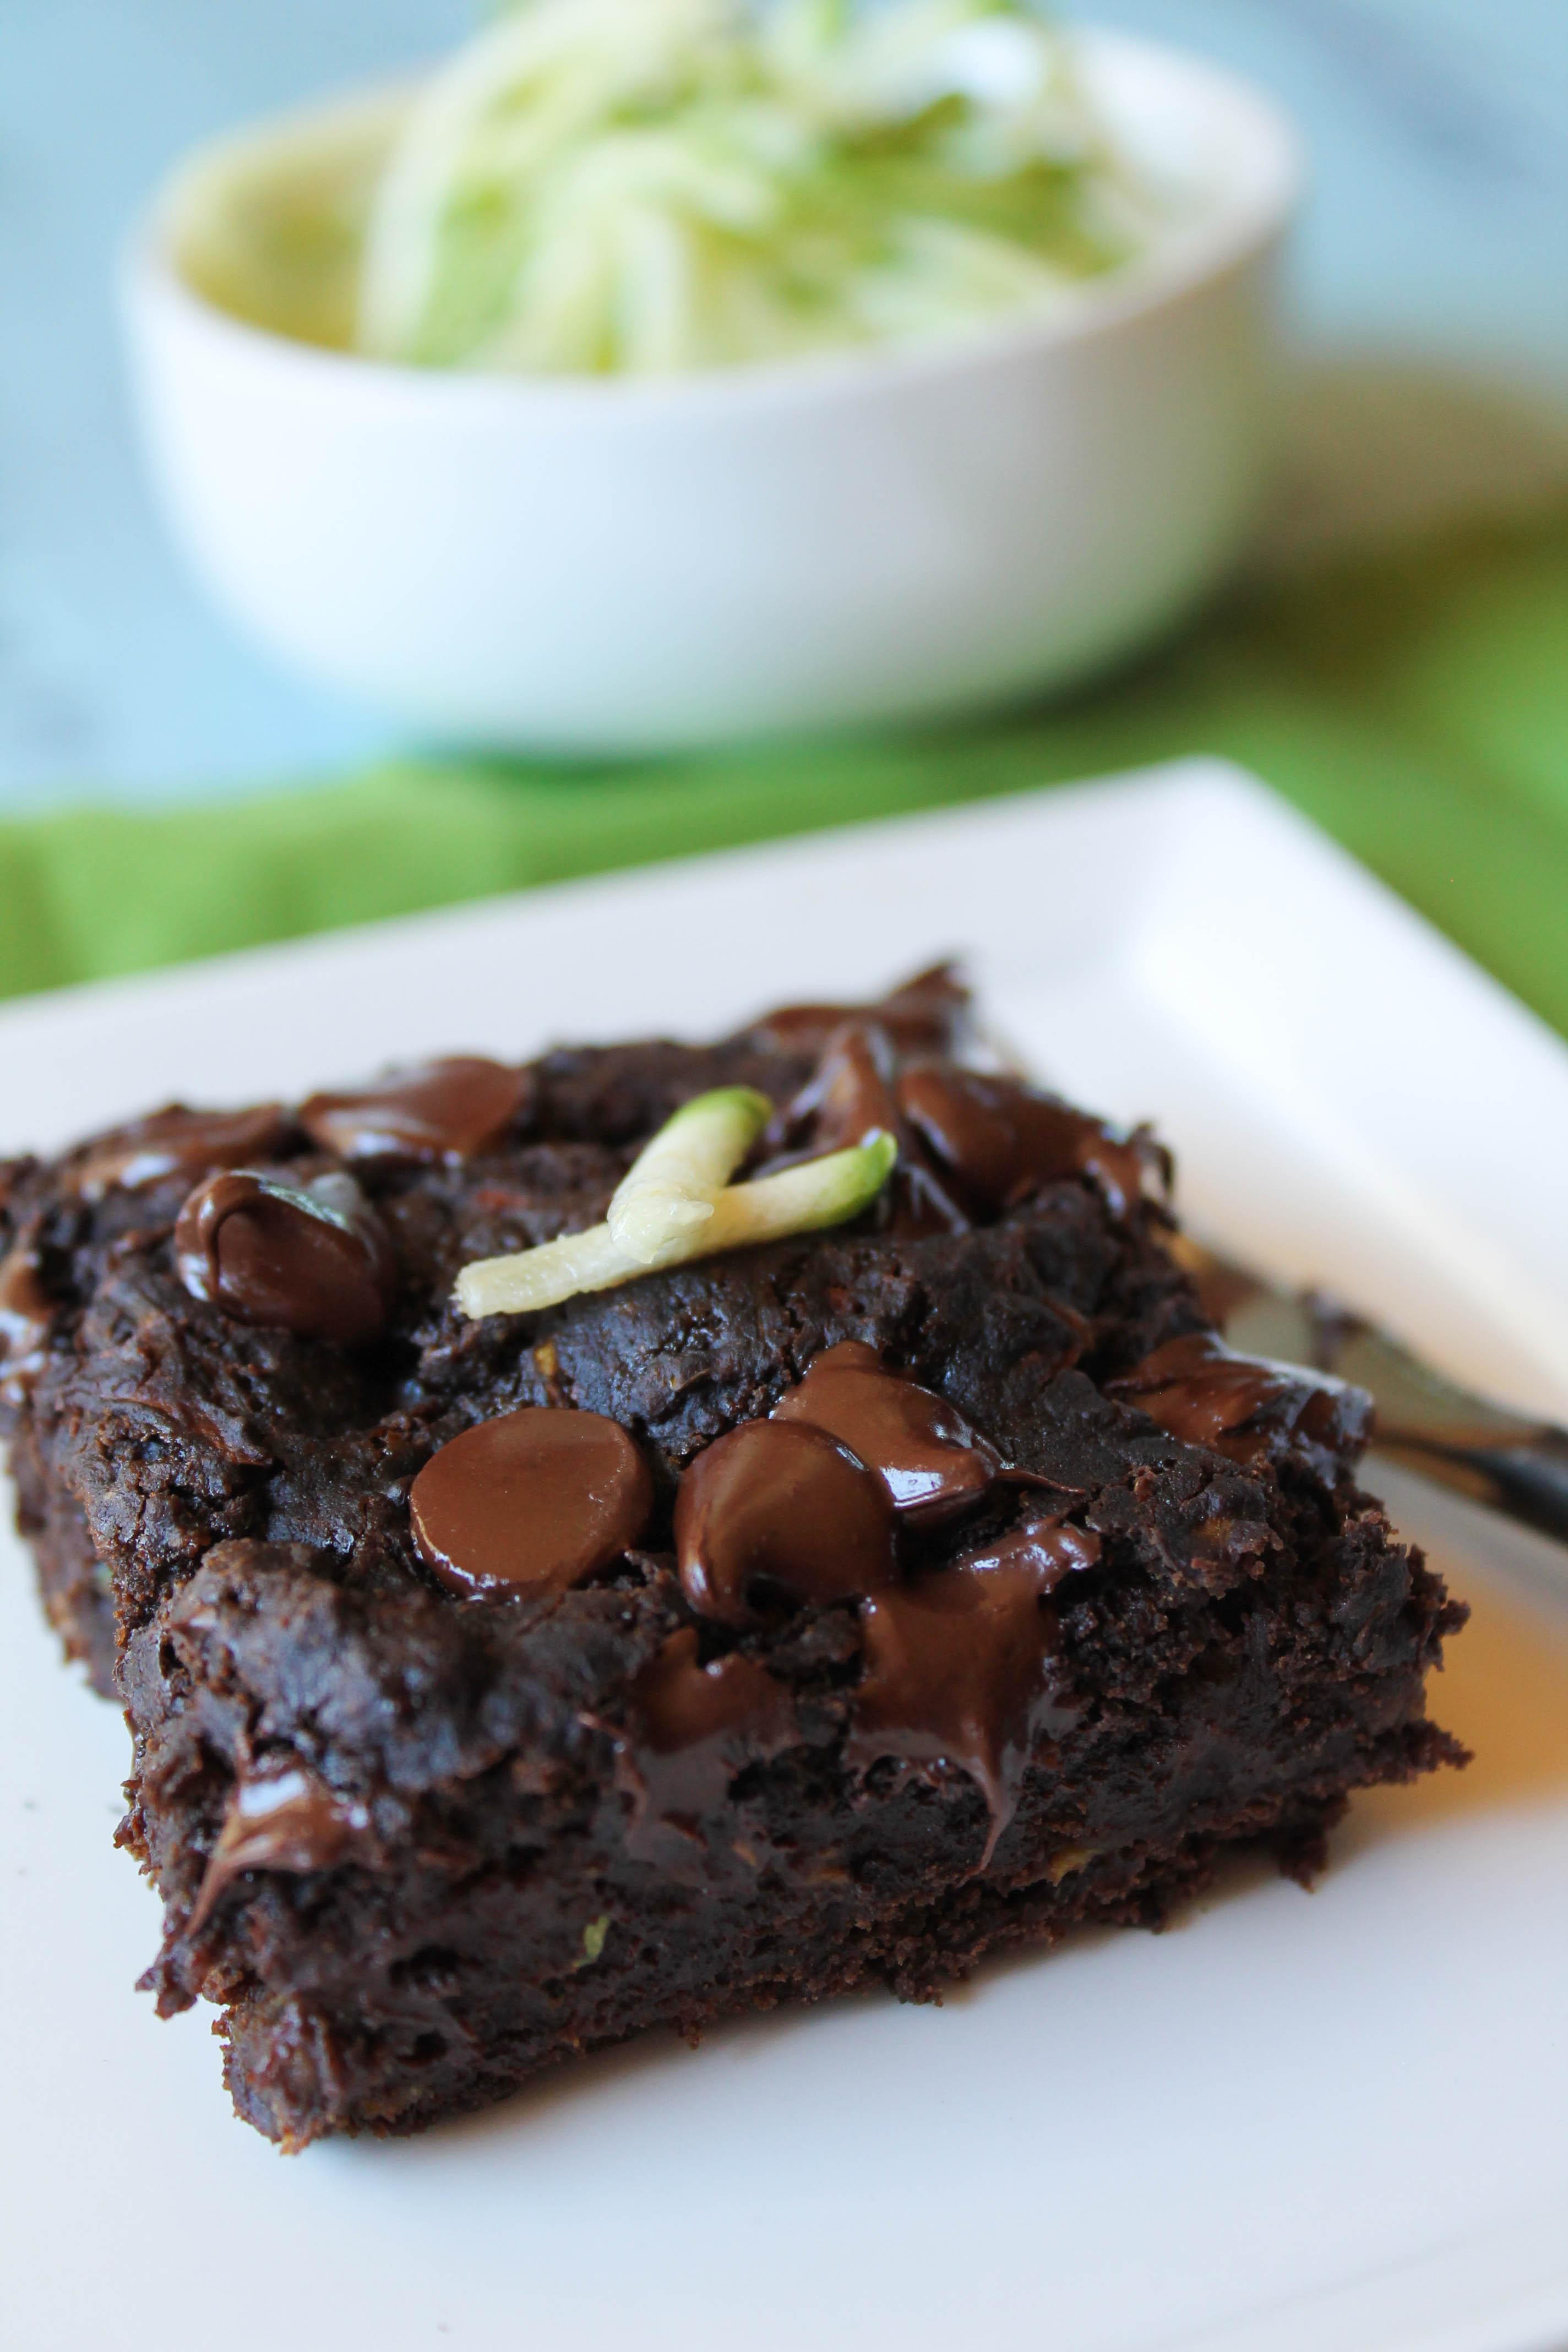 Chocolate Zucchini Cake – Gluten Free & Vegan